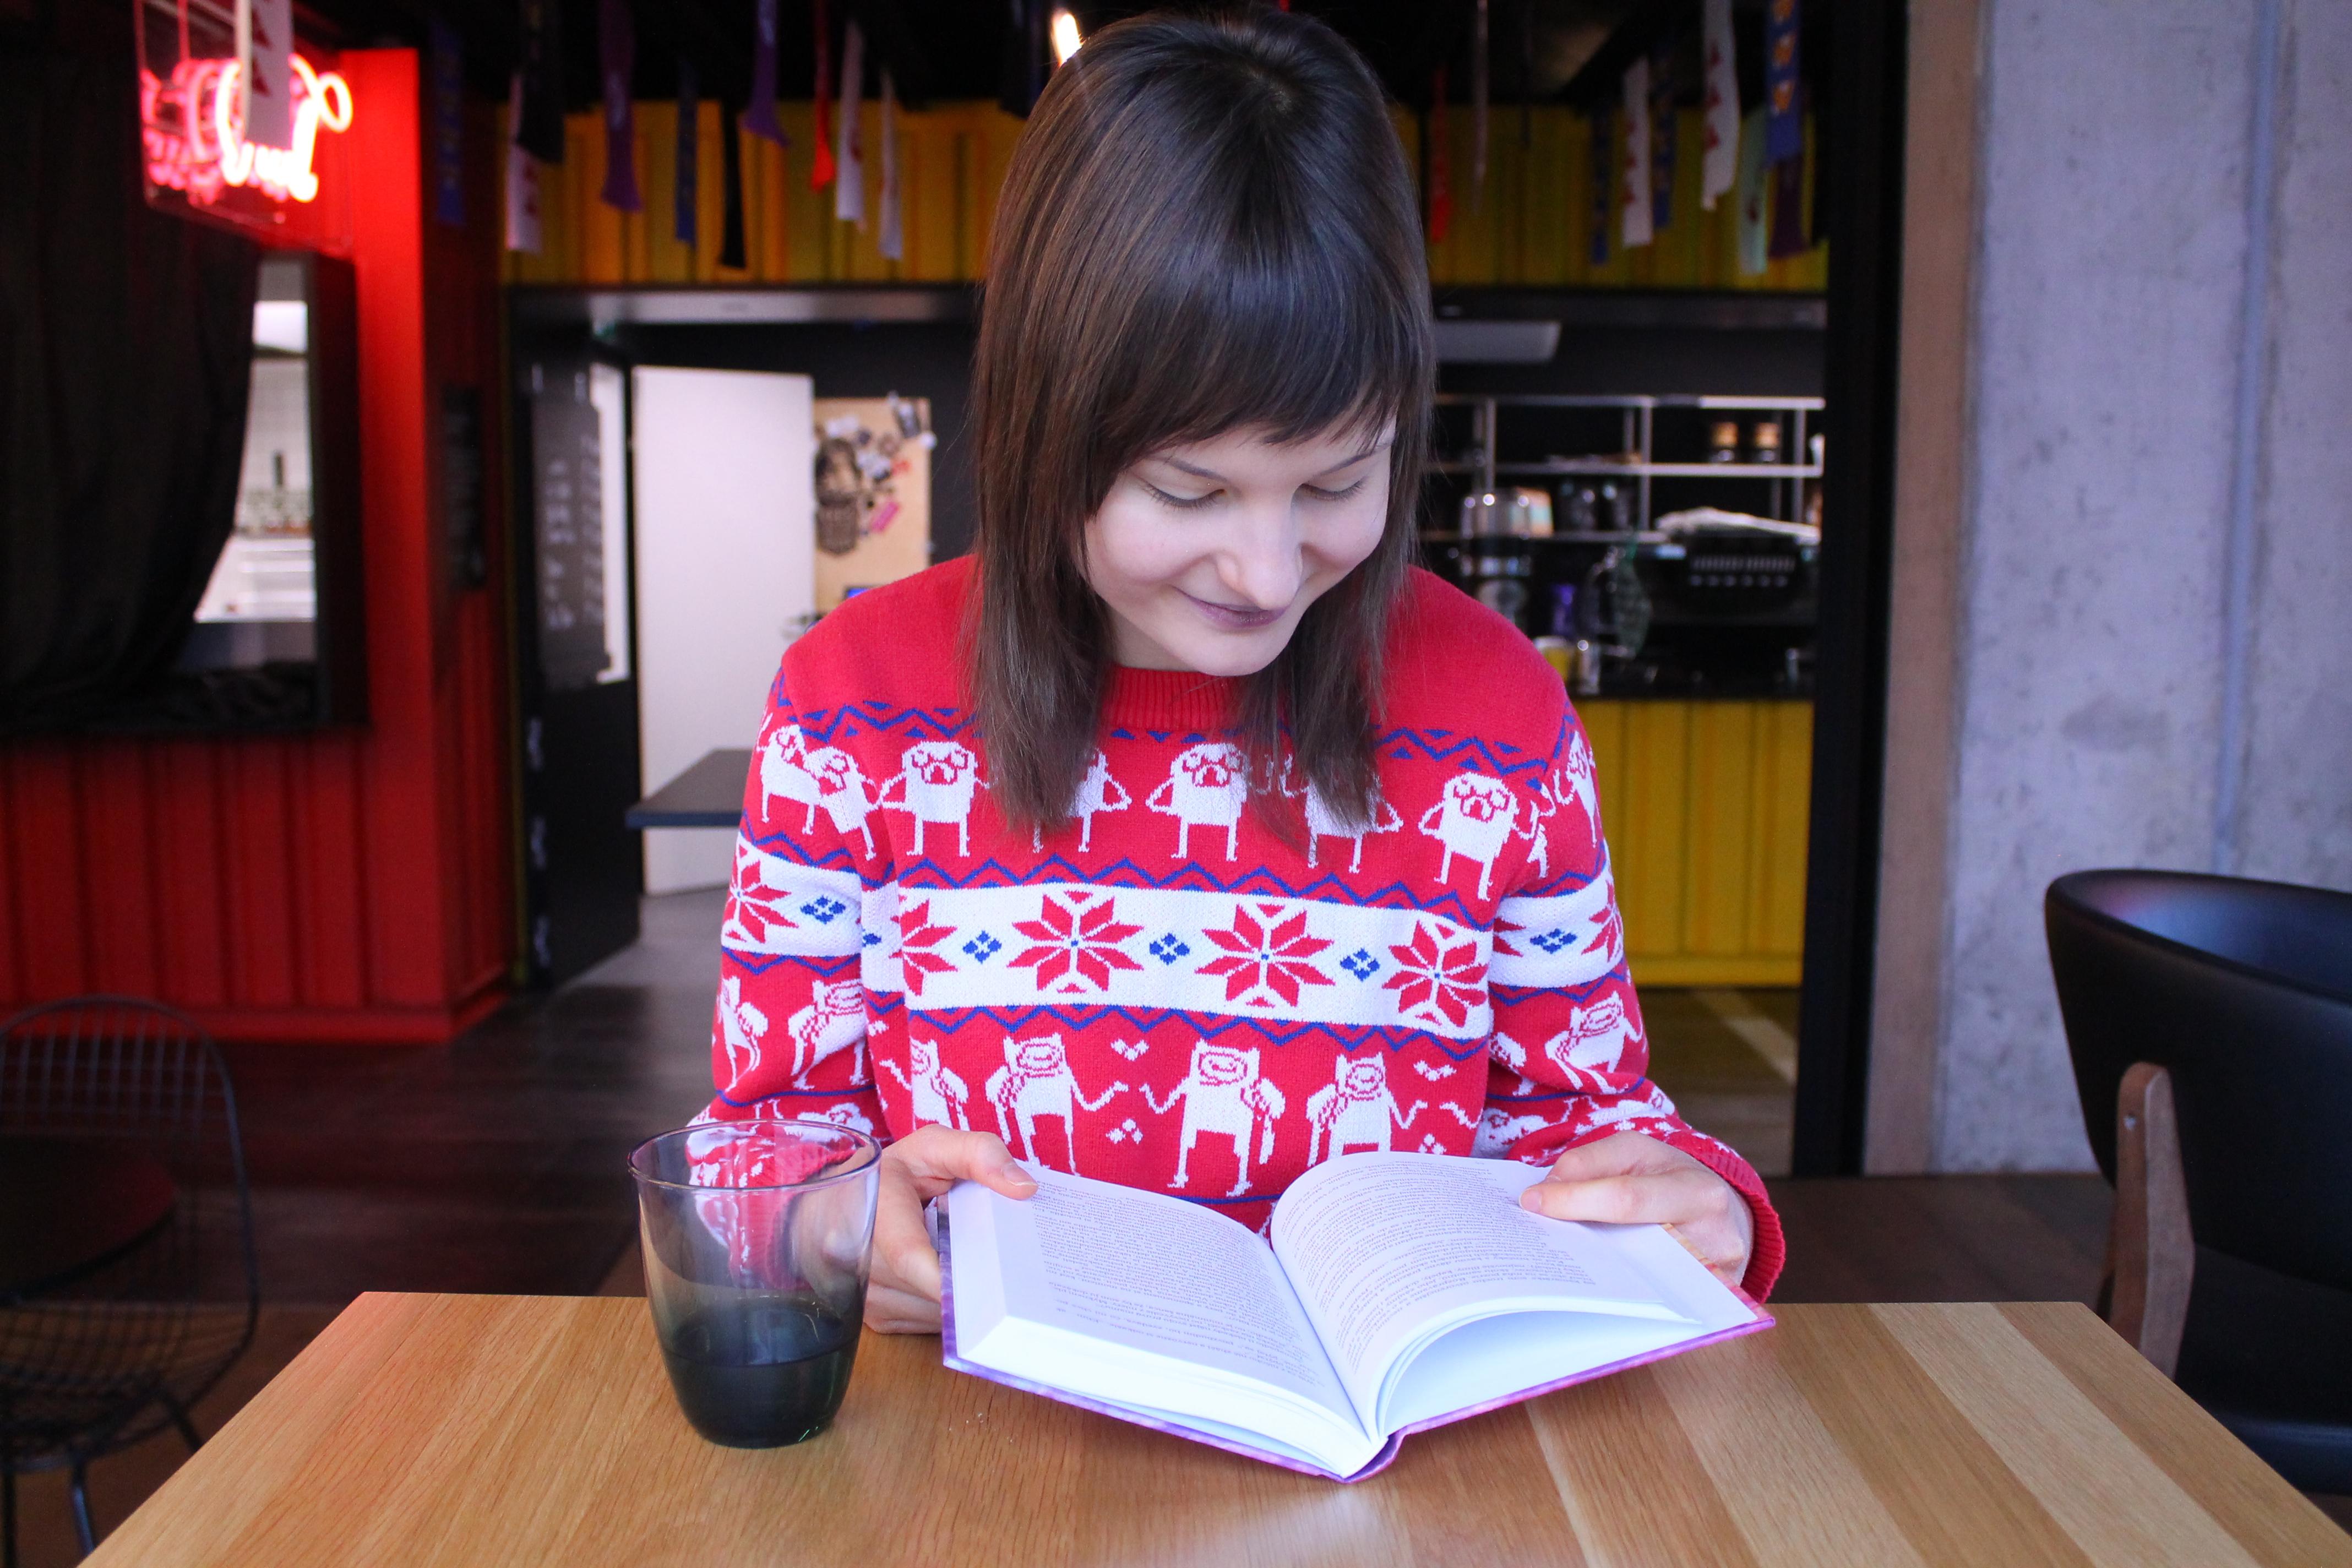 Vavi a reedícia jej prvej knihy s názvom Venile